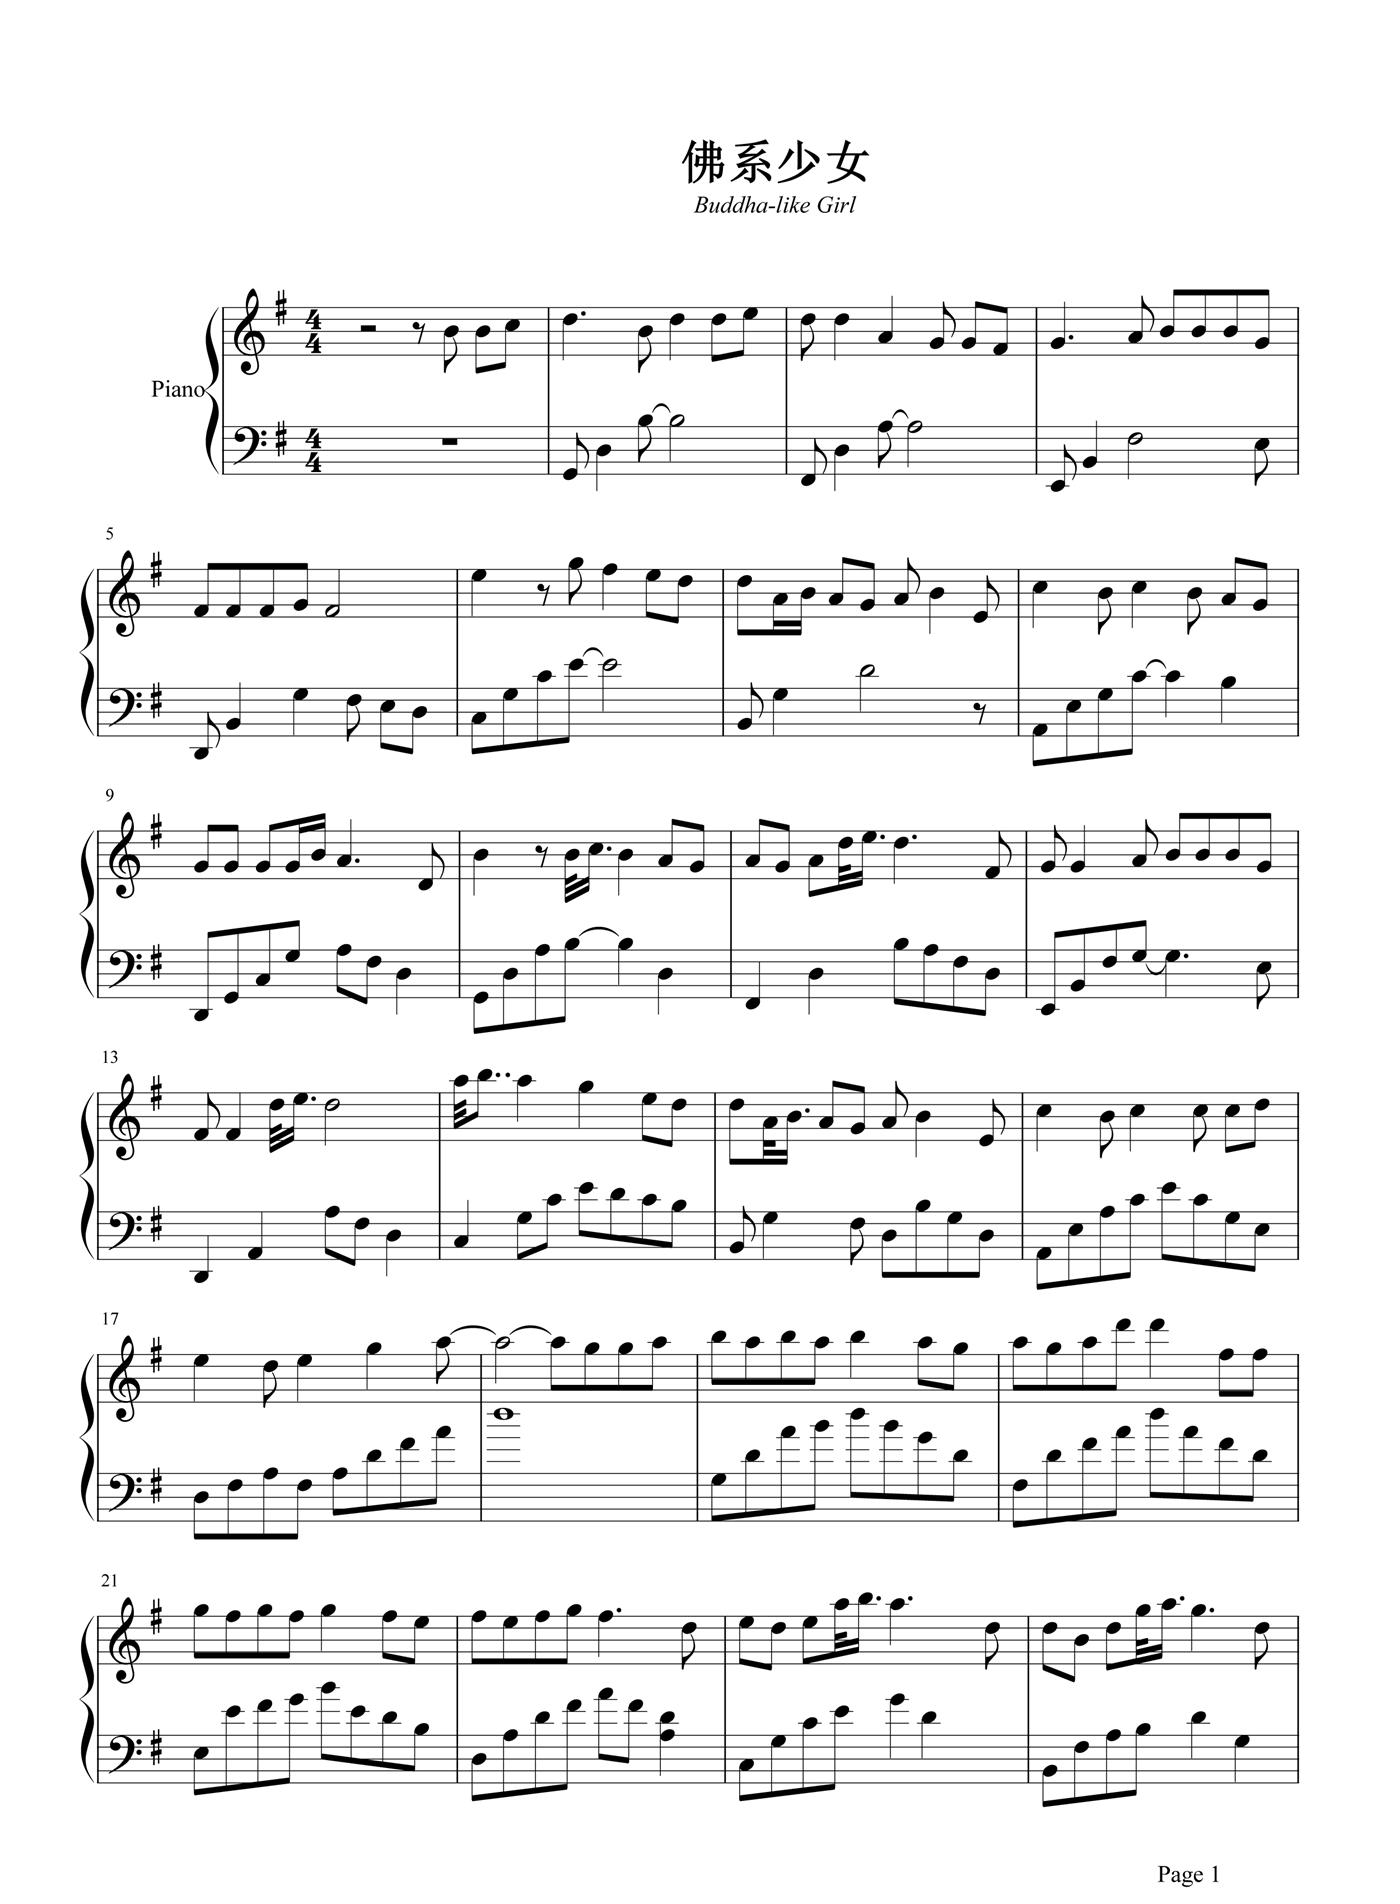 表情 佛系少女 钢琴谱冯提莫手势舞,甜蜜来袭,恋爱的味道 琴艺谱 表情